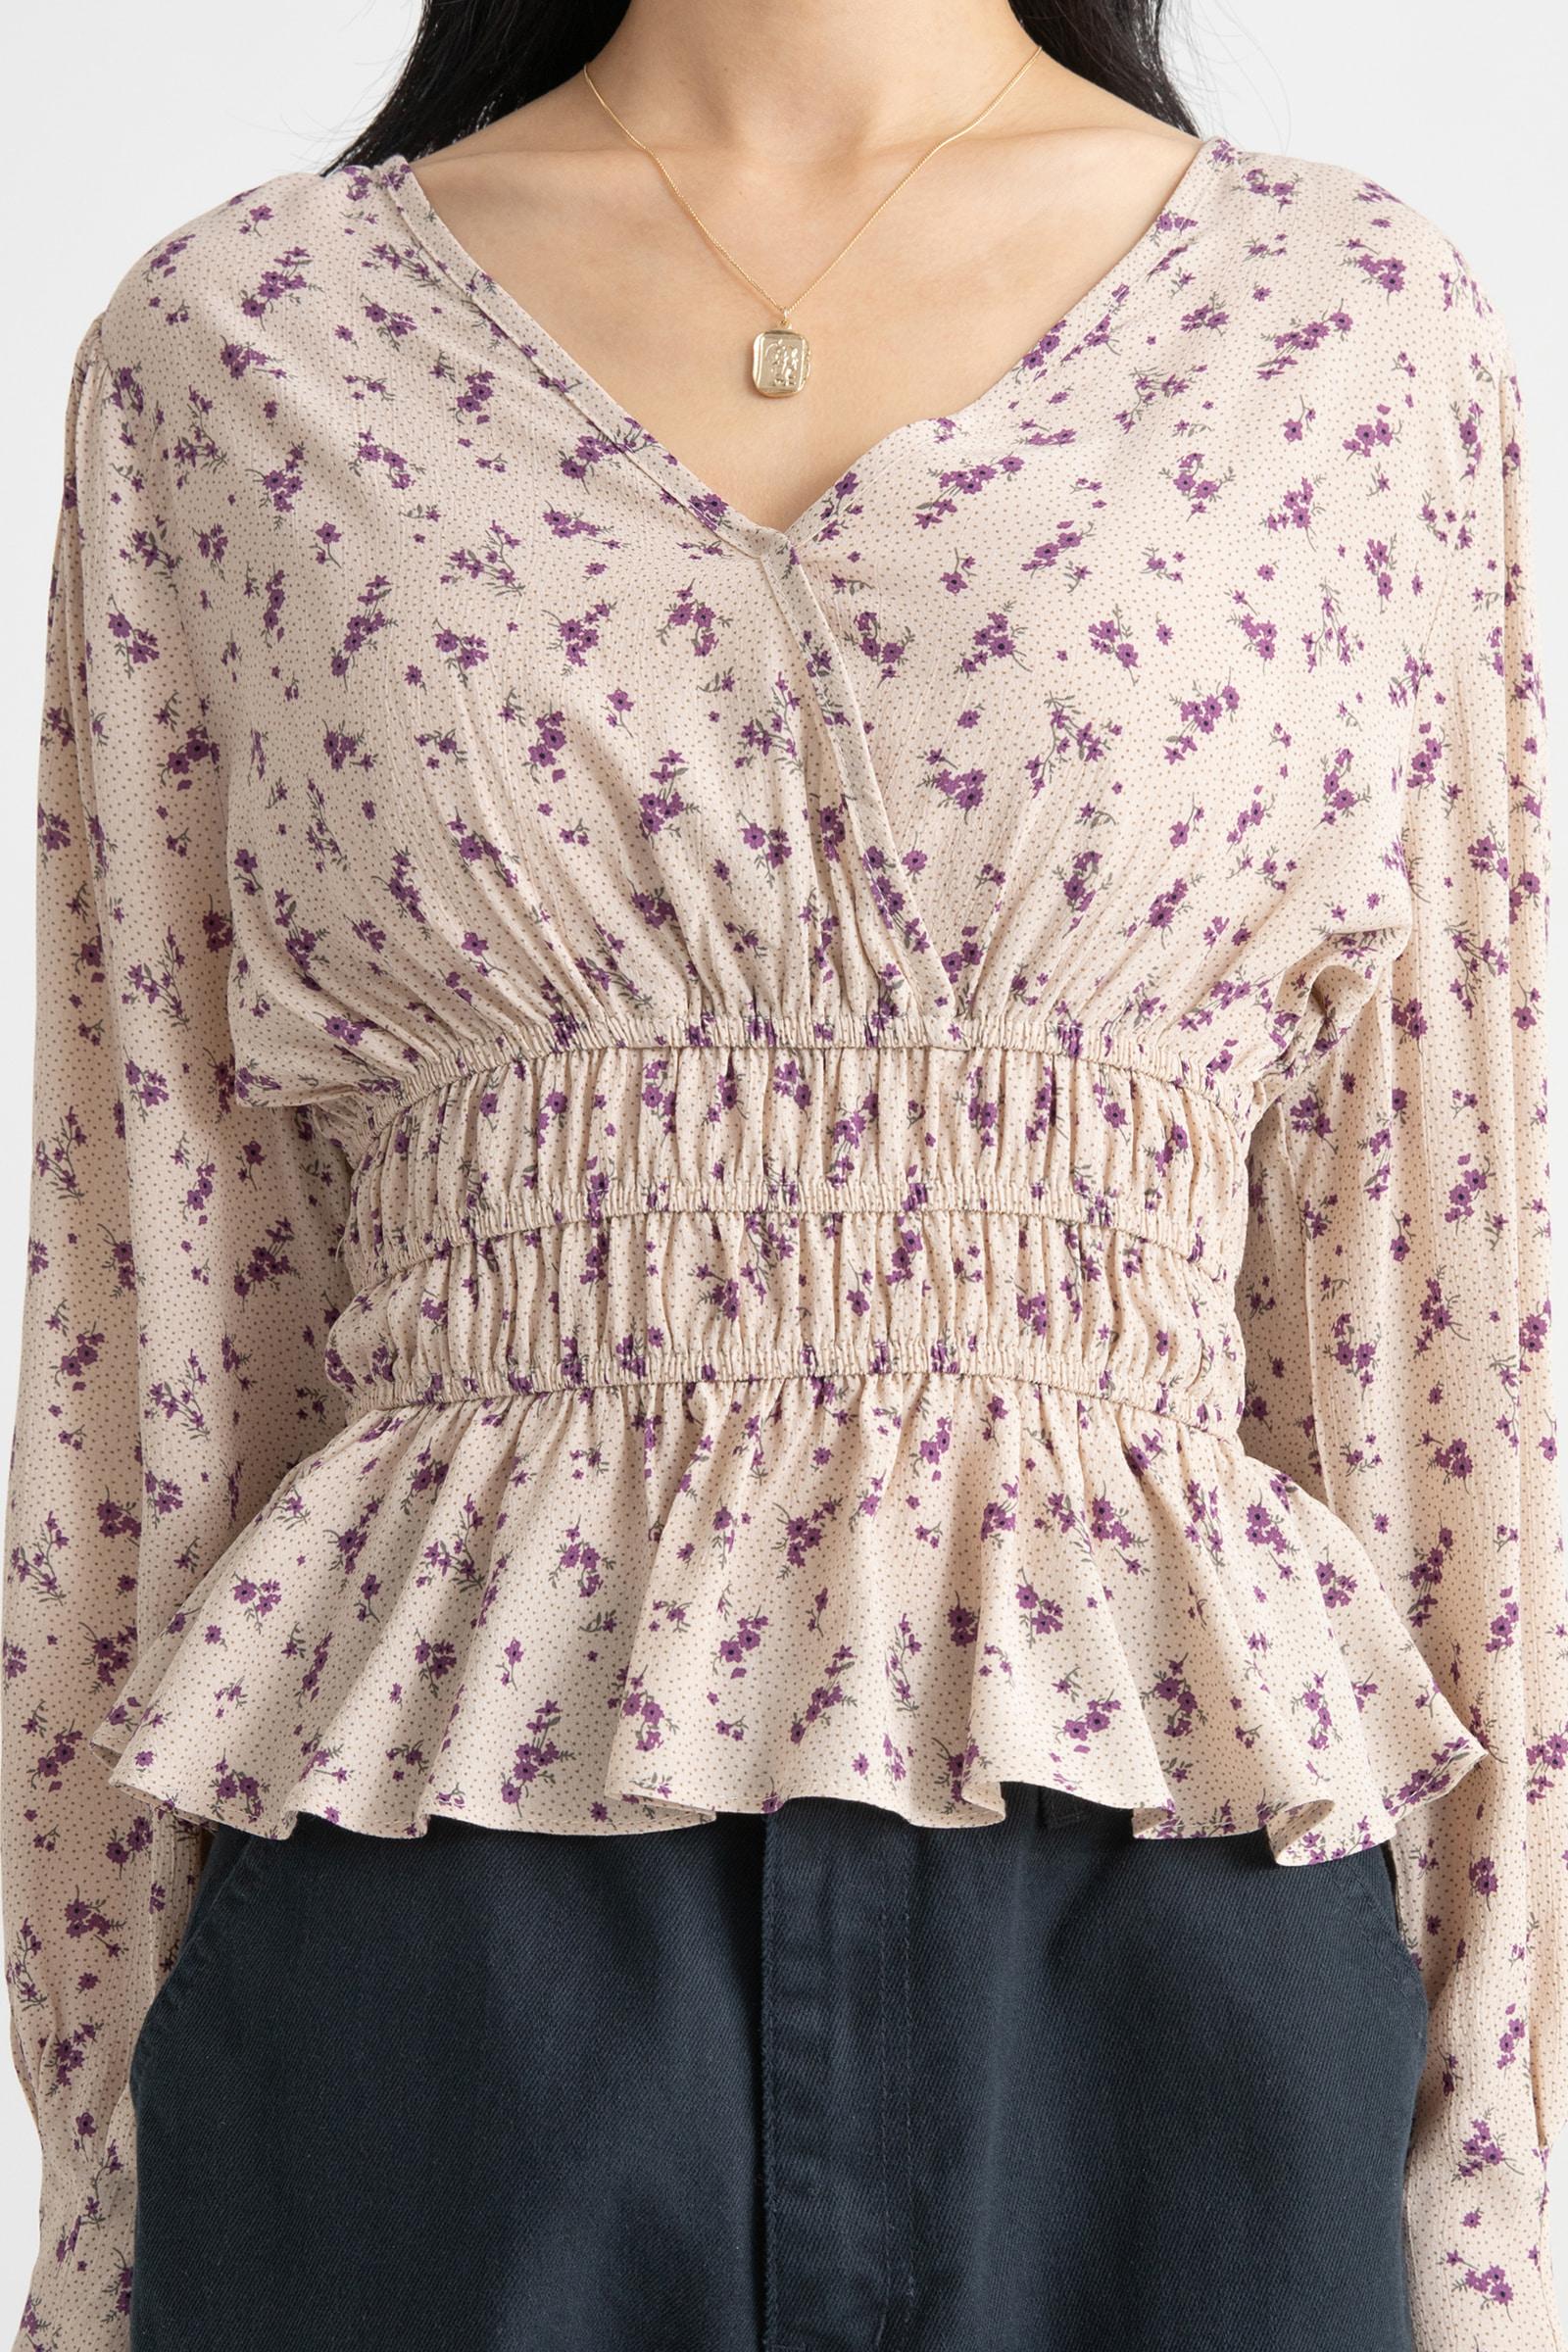 Joy floral blouse